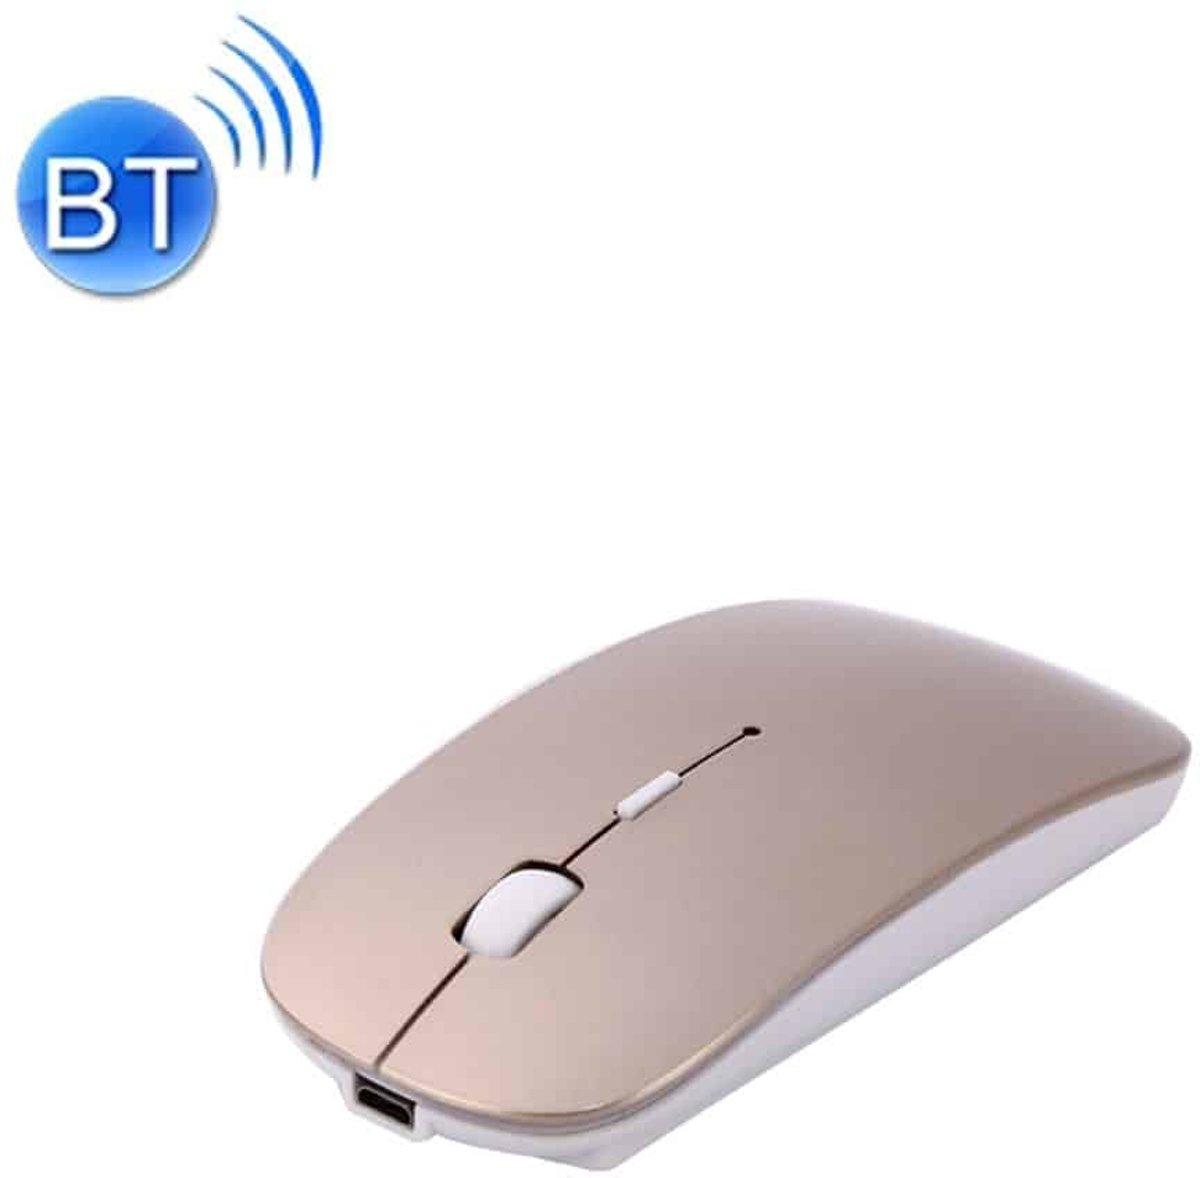 MC-008 Bluetooth 3.0 batterij Draadloze muis opladen voor laptops en Android-systeem Mobiele telefoon (goud) kopen